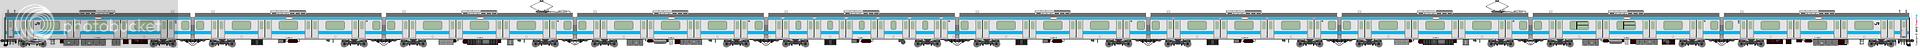 [5372] 東日本旅客鉄道 2372